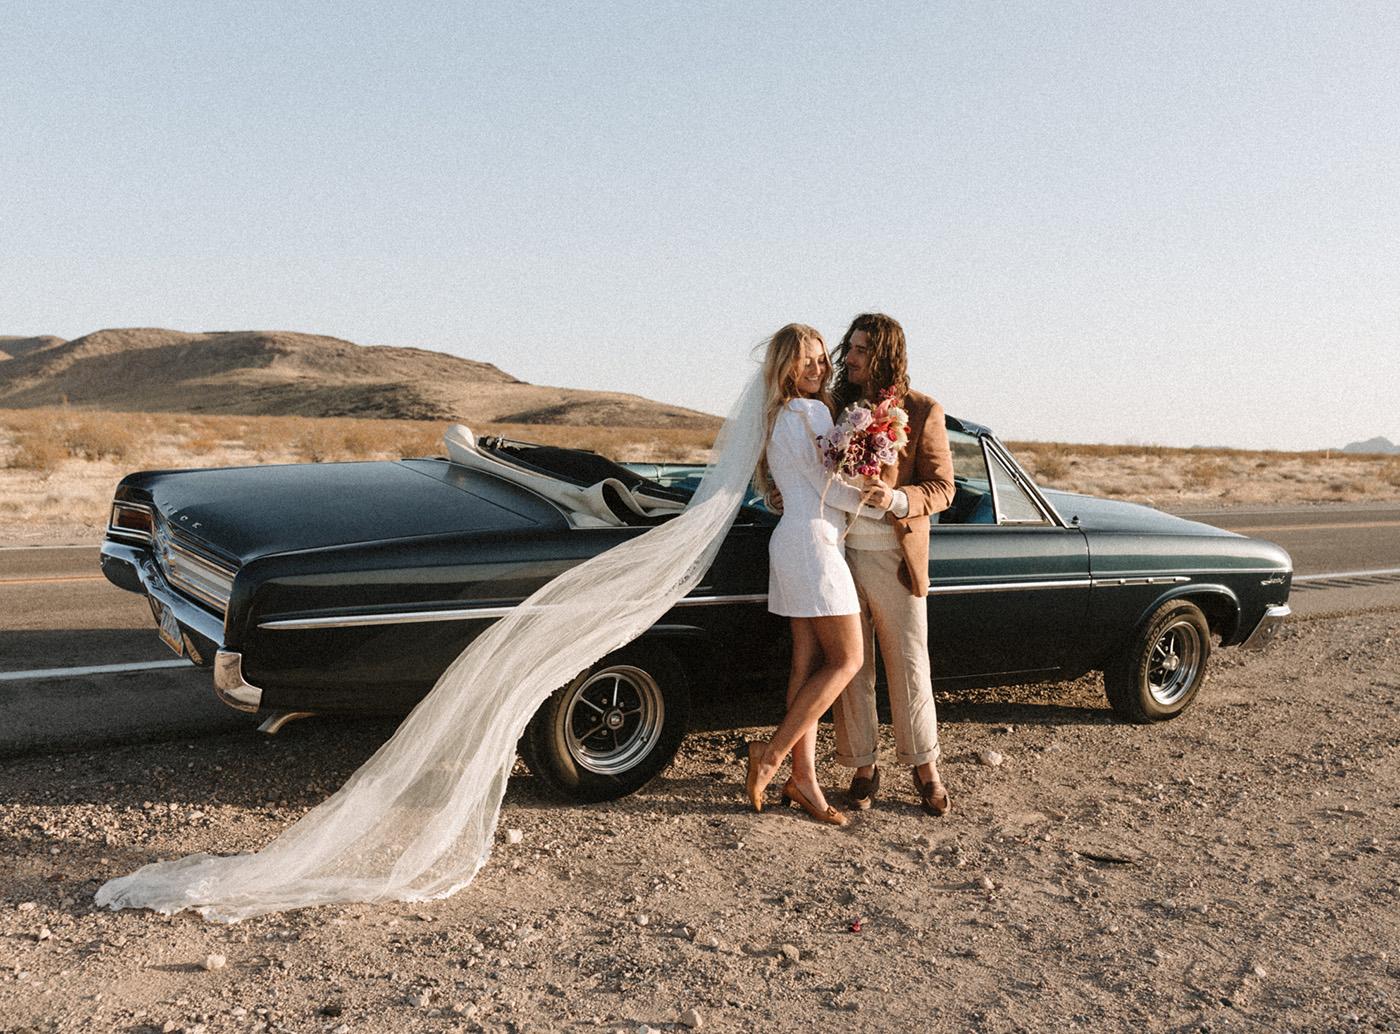 short wedding dress with long veil for vegas elopement